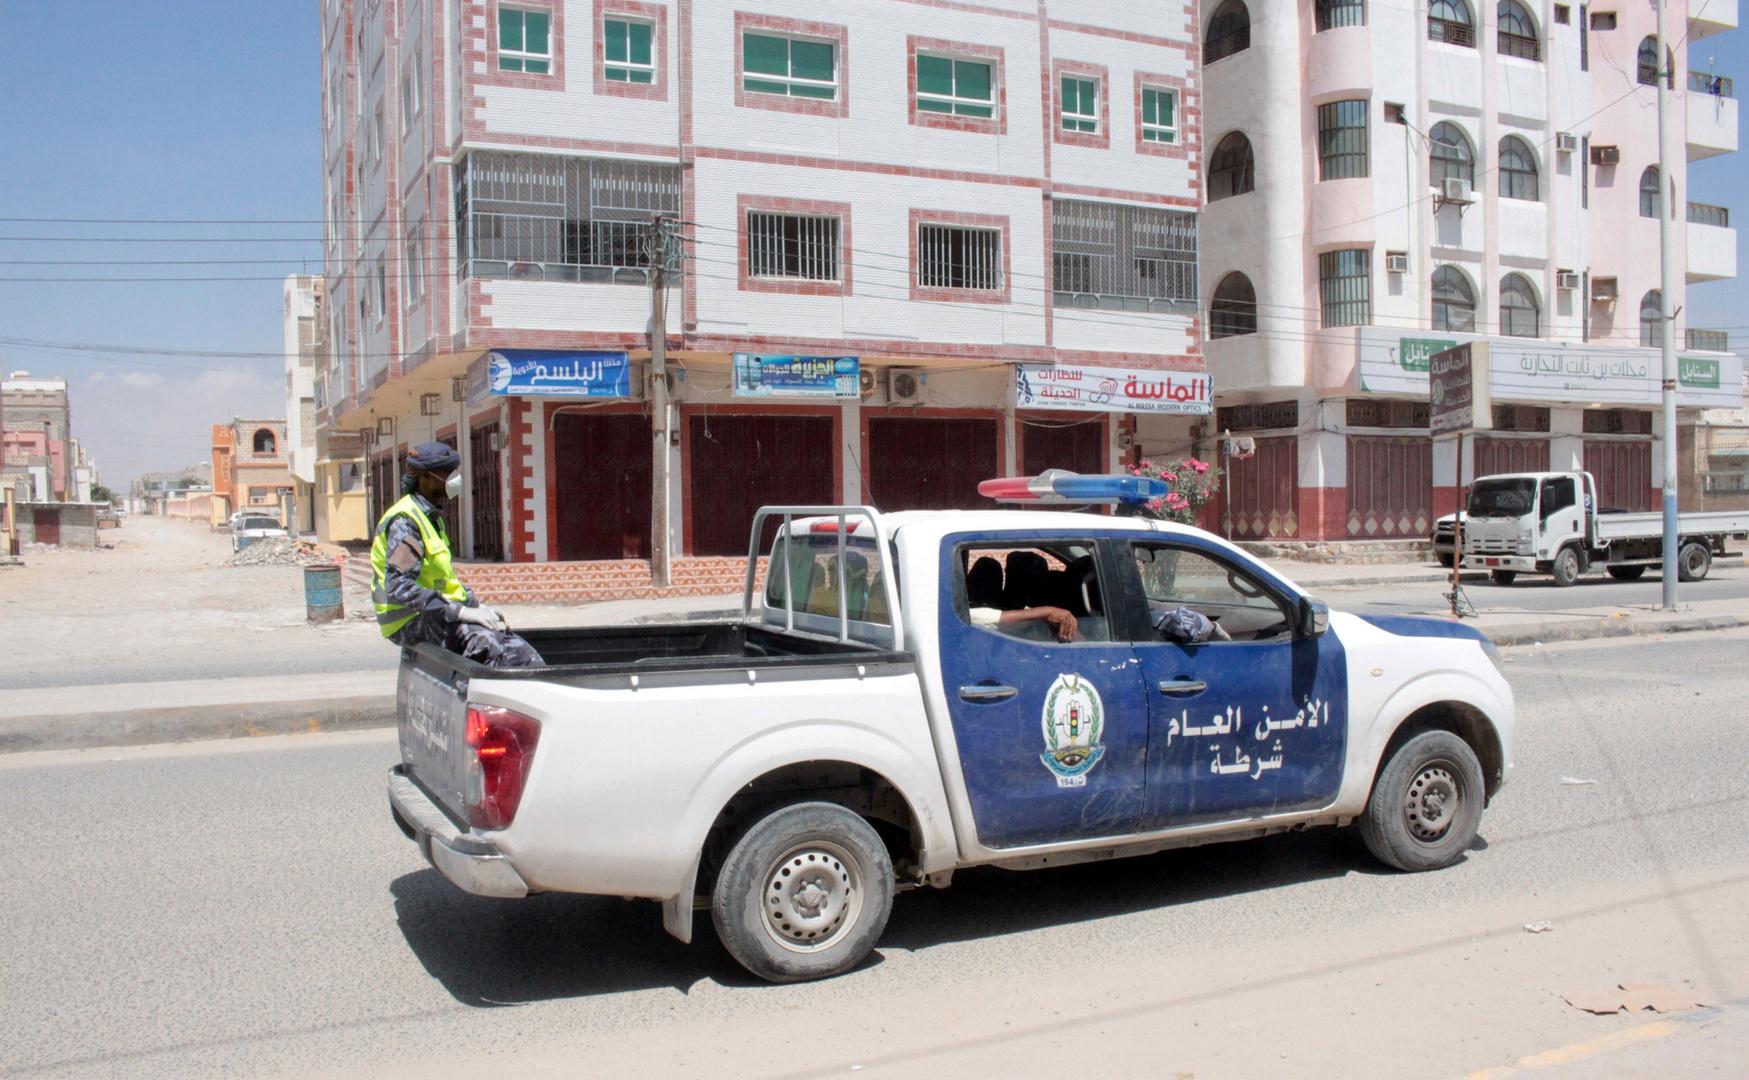 دورية لقوات الأمن عقب إعلان العزل الصحي في مدينة الشحر اليمنية بعد تشخيص أول إصابة بفيروس كورونا هناك